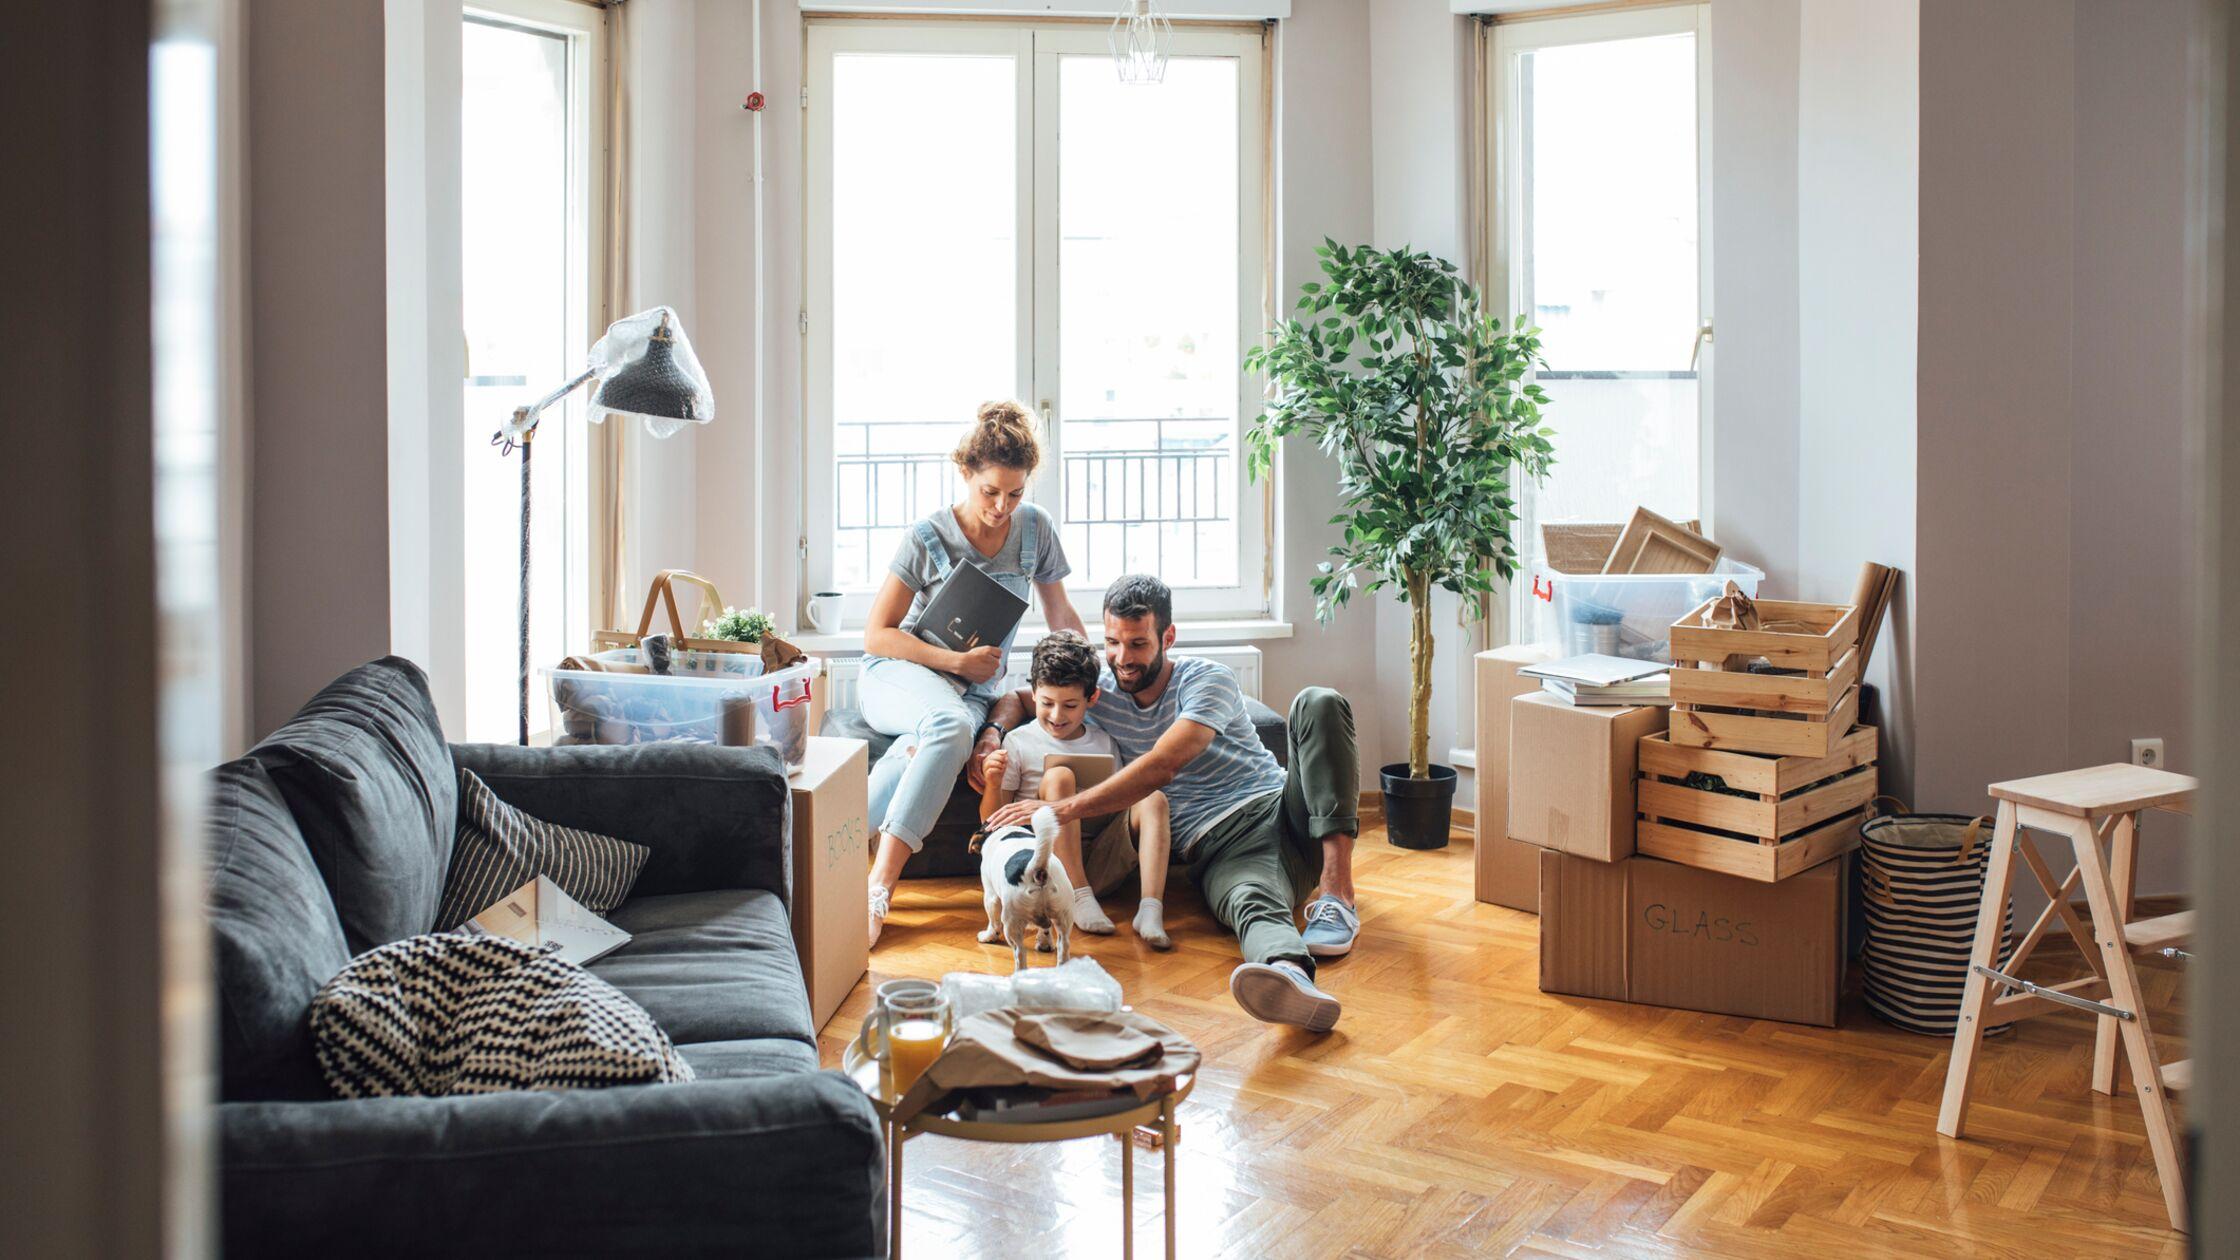 Wohnideen – die Wohnung einrichten